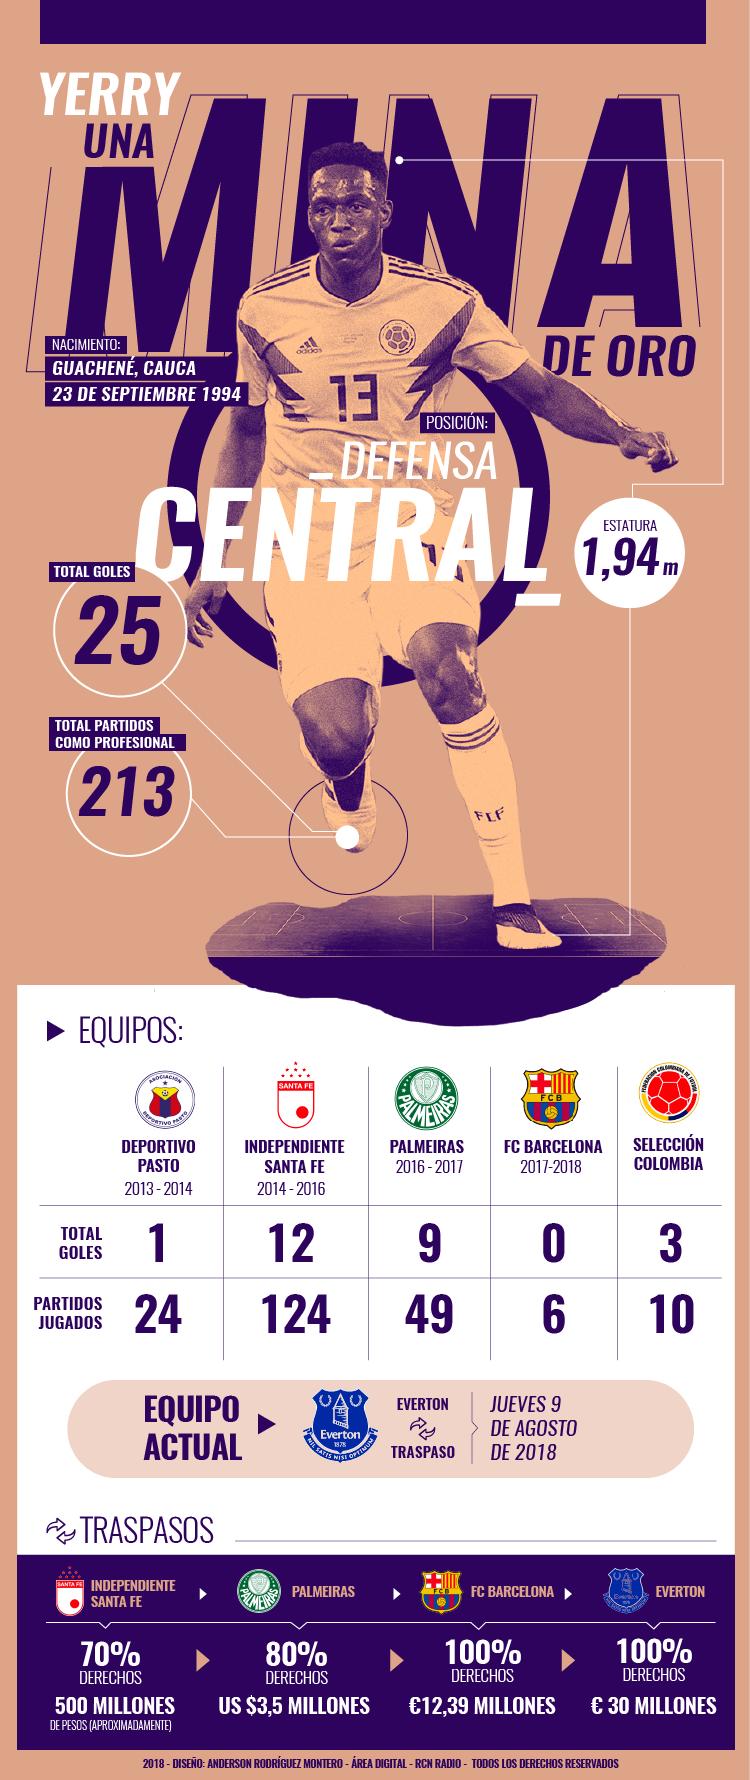 Yerry Min y sus números antes de llegar al Everton de la Premier League inglesa